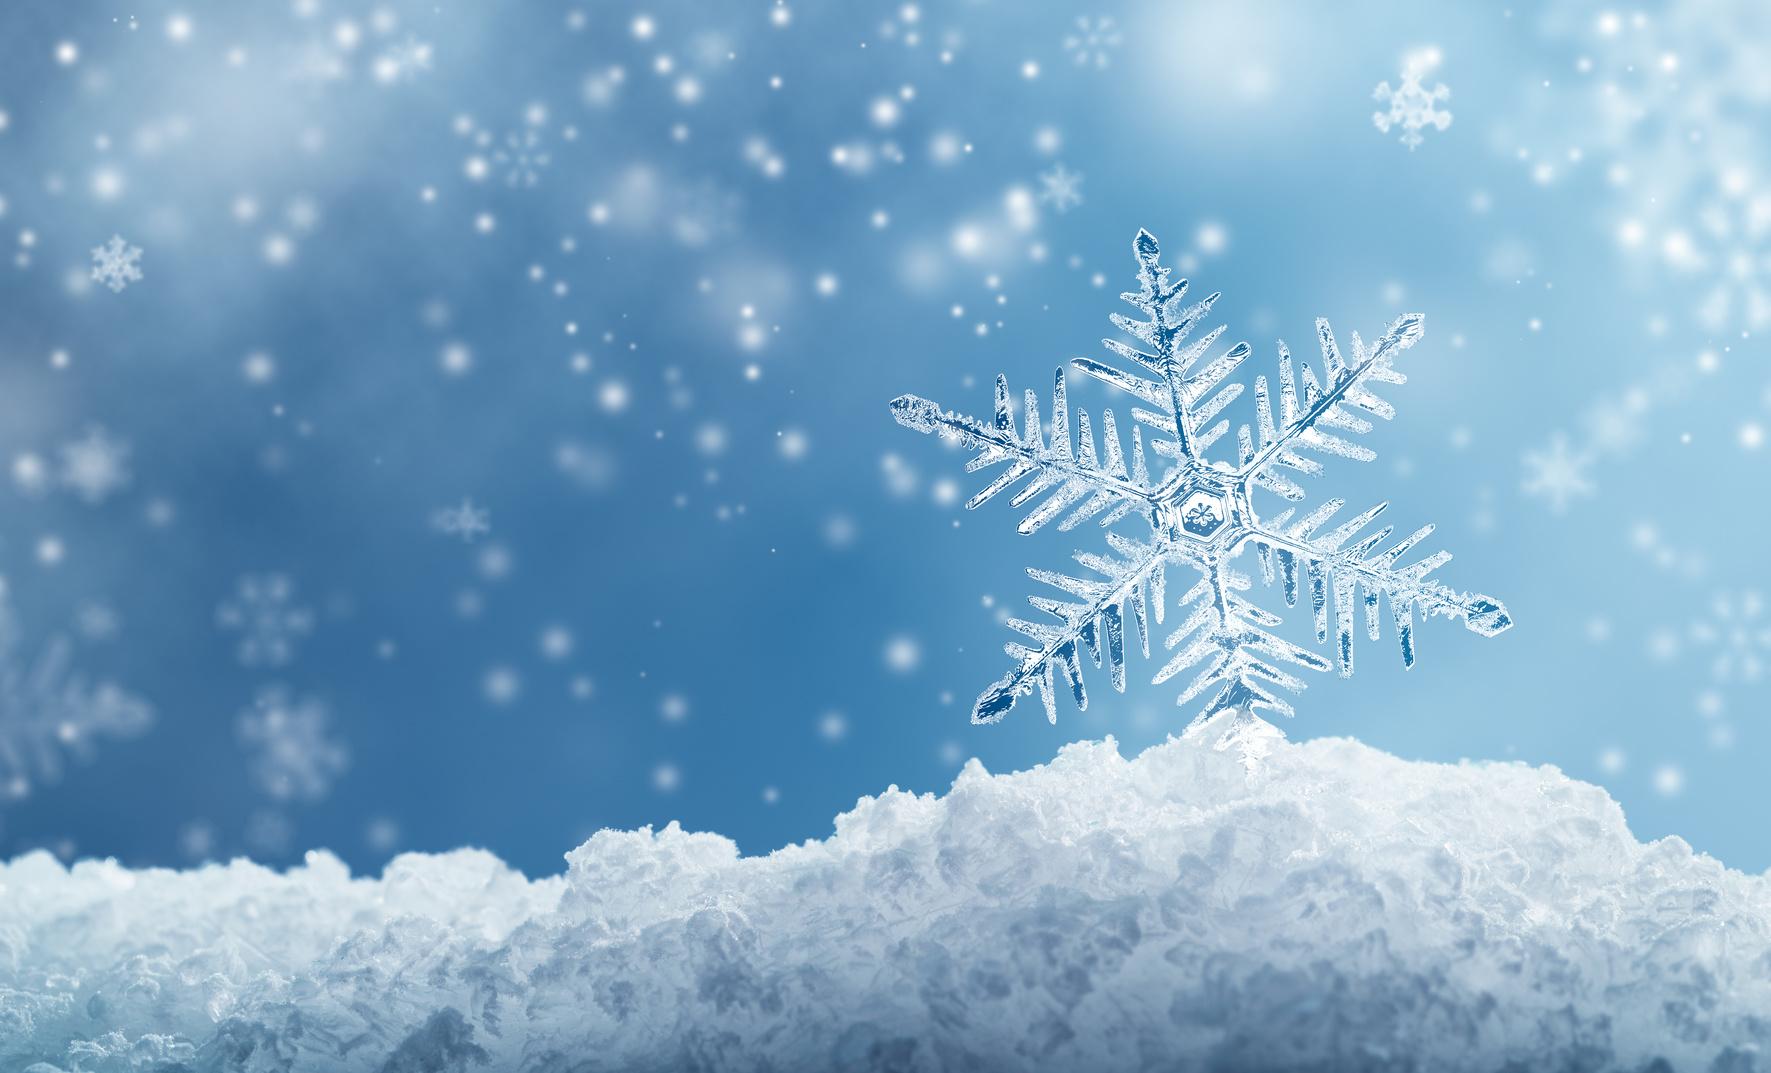 śnieg płatki śniegu zima - Fotolia